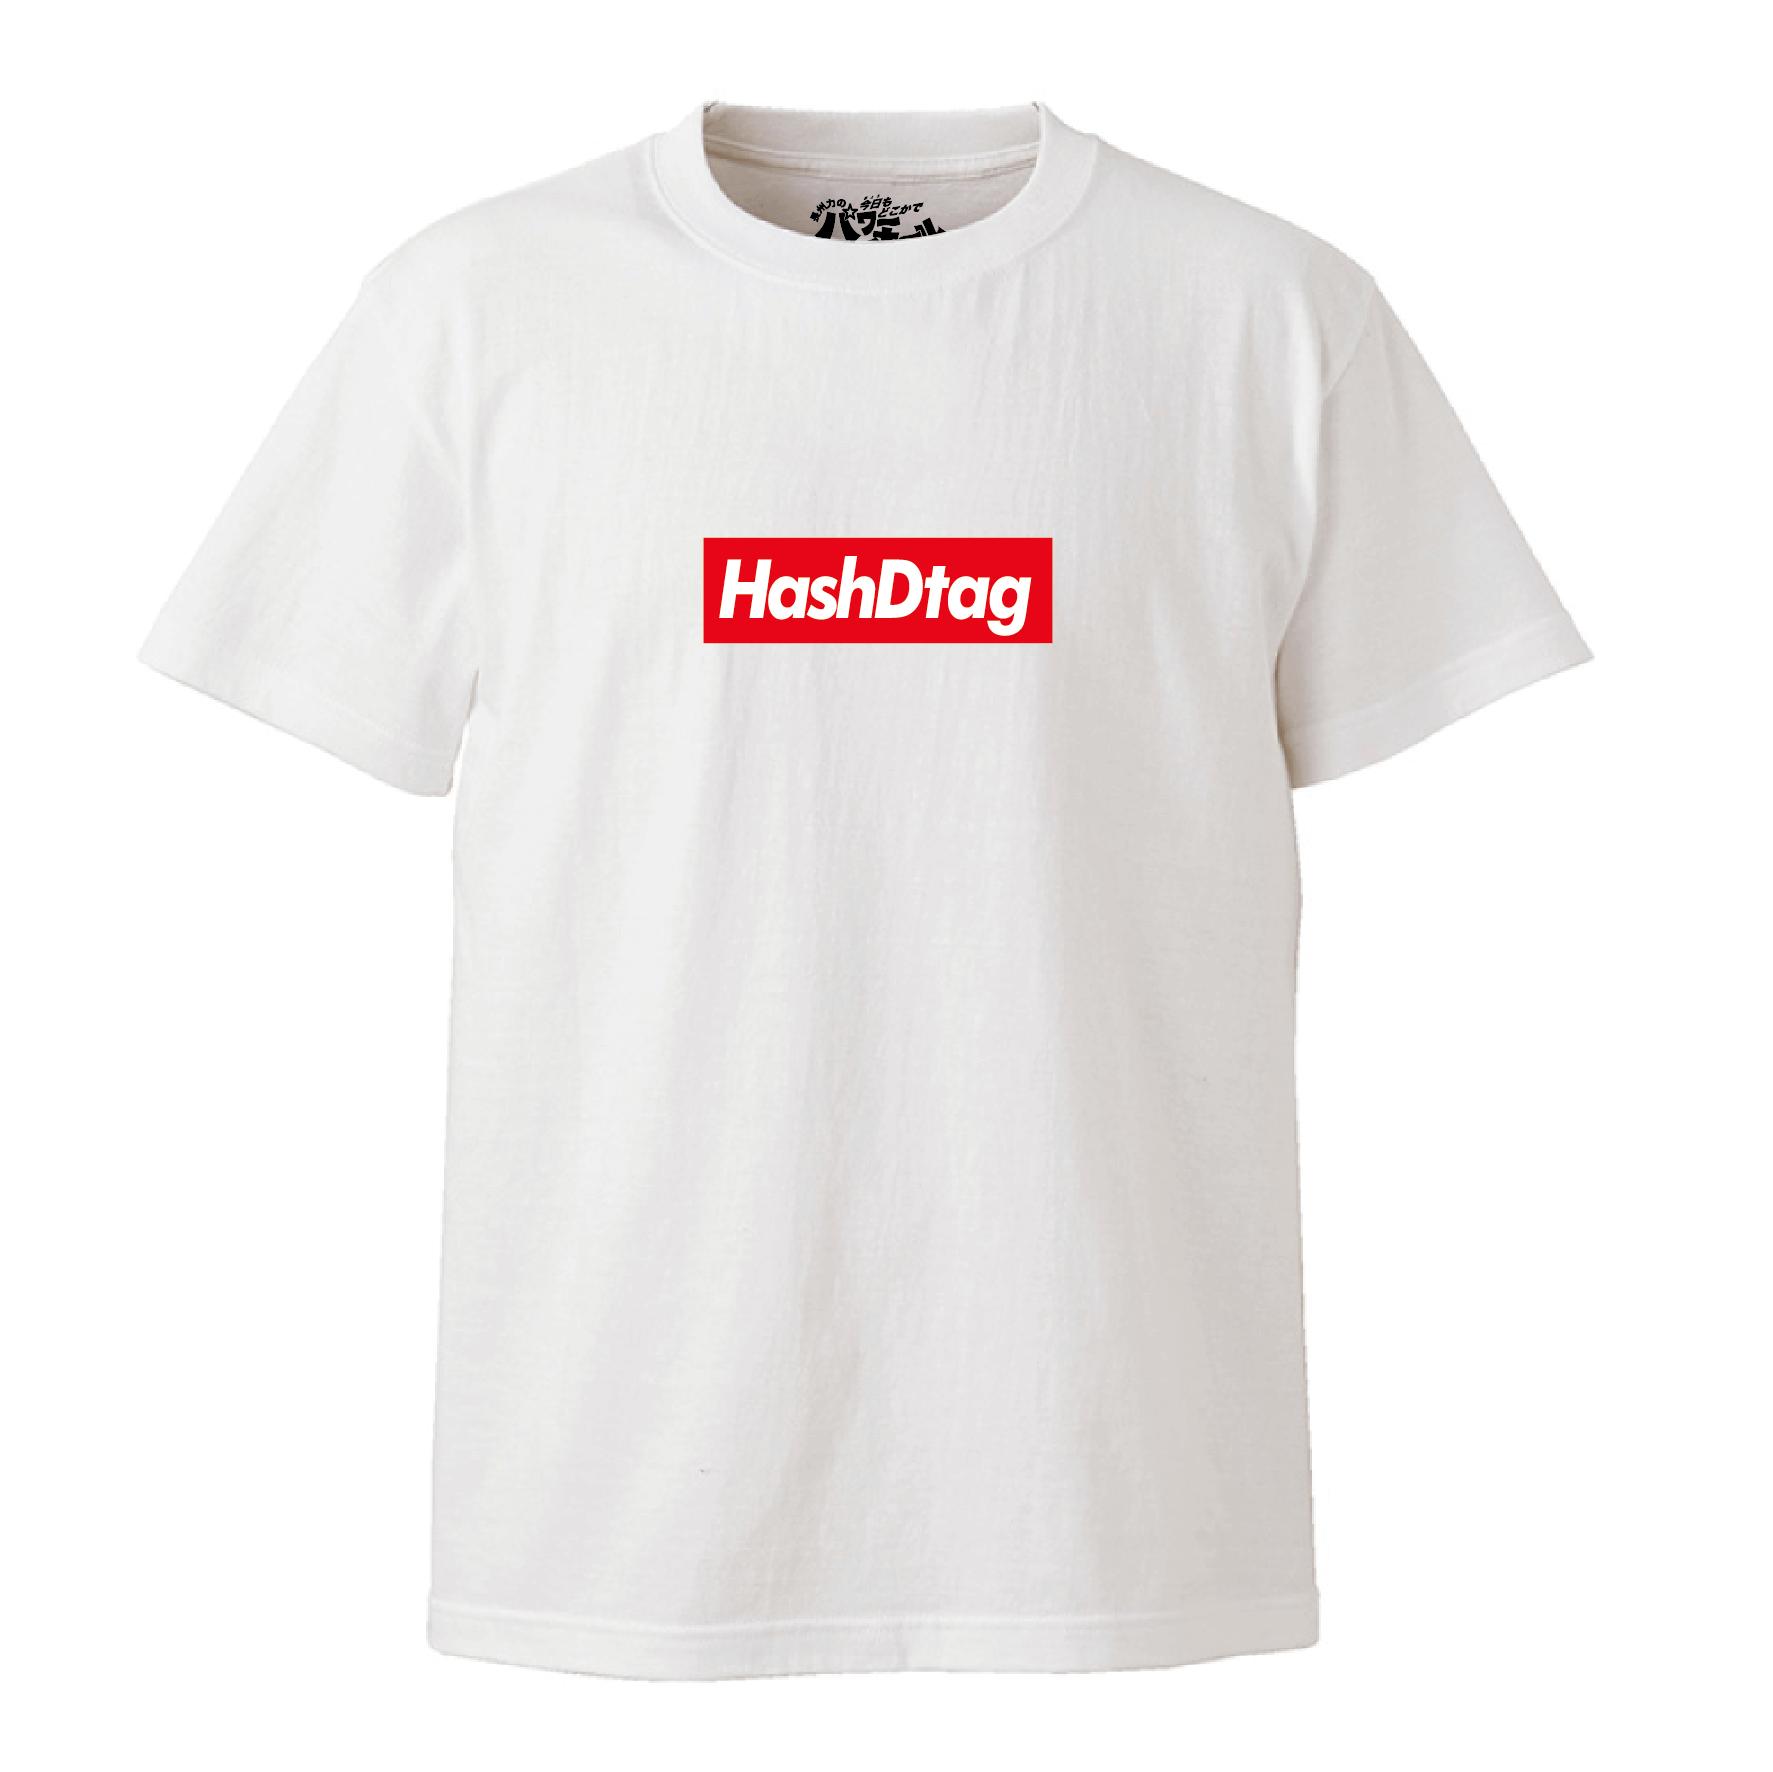 T-shirt -HashDtag- ¥4,400円(税込)